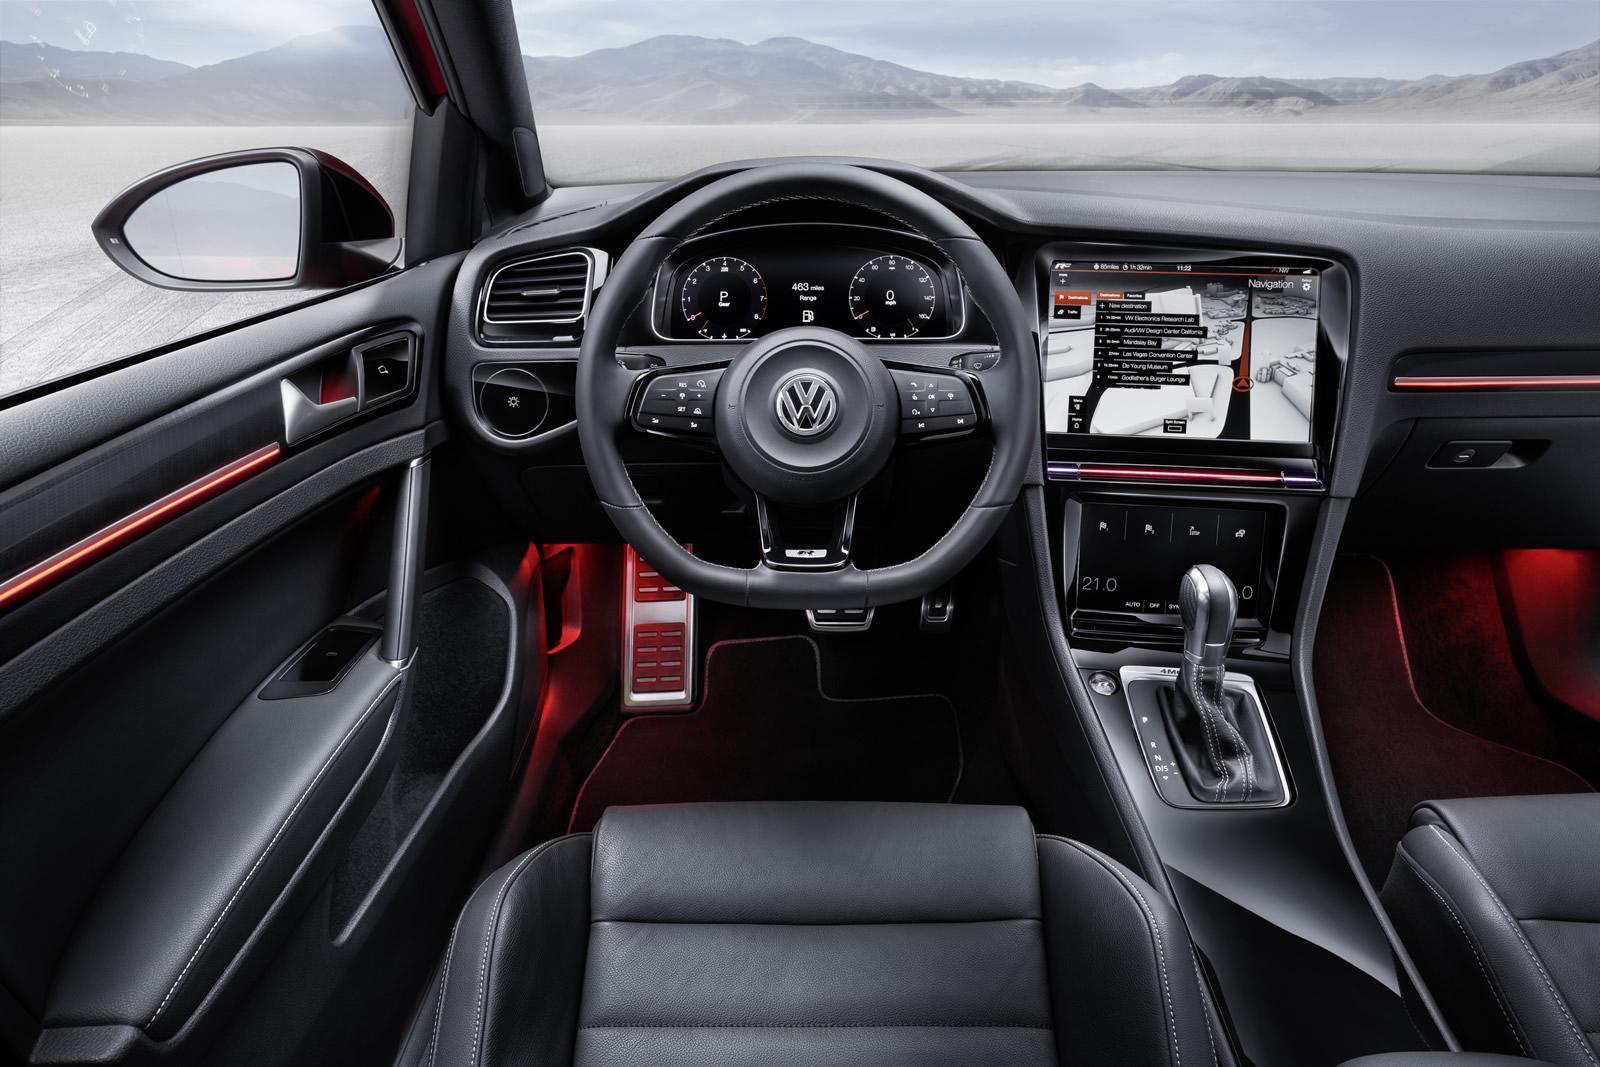 Volkswagen испытывает новый универсал Golf R 2018 модельного года